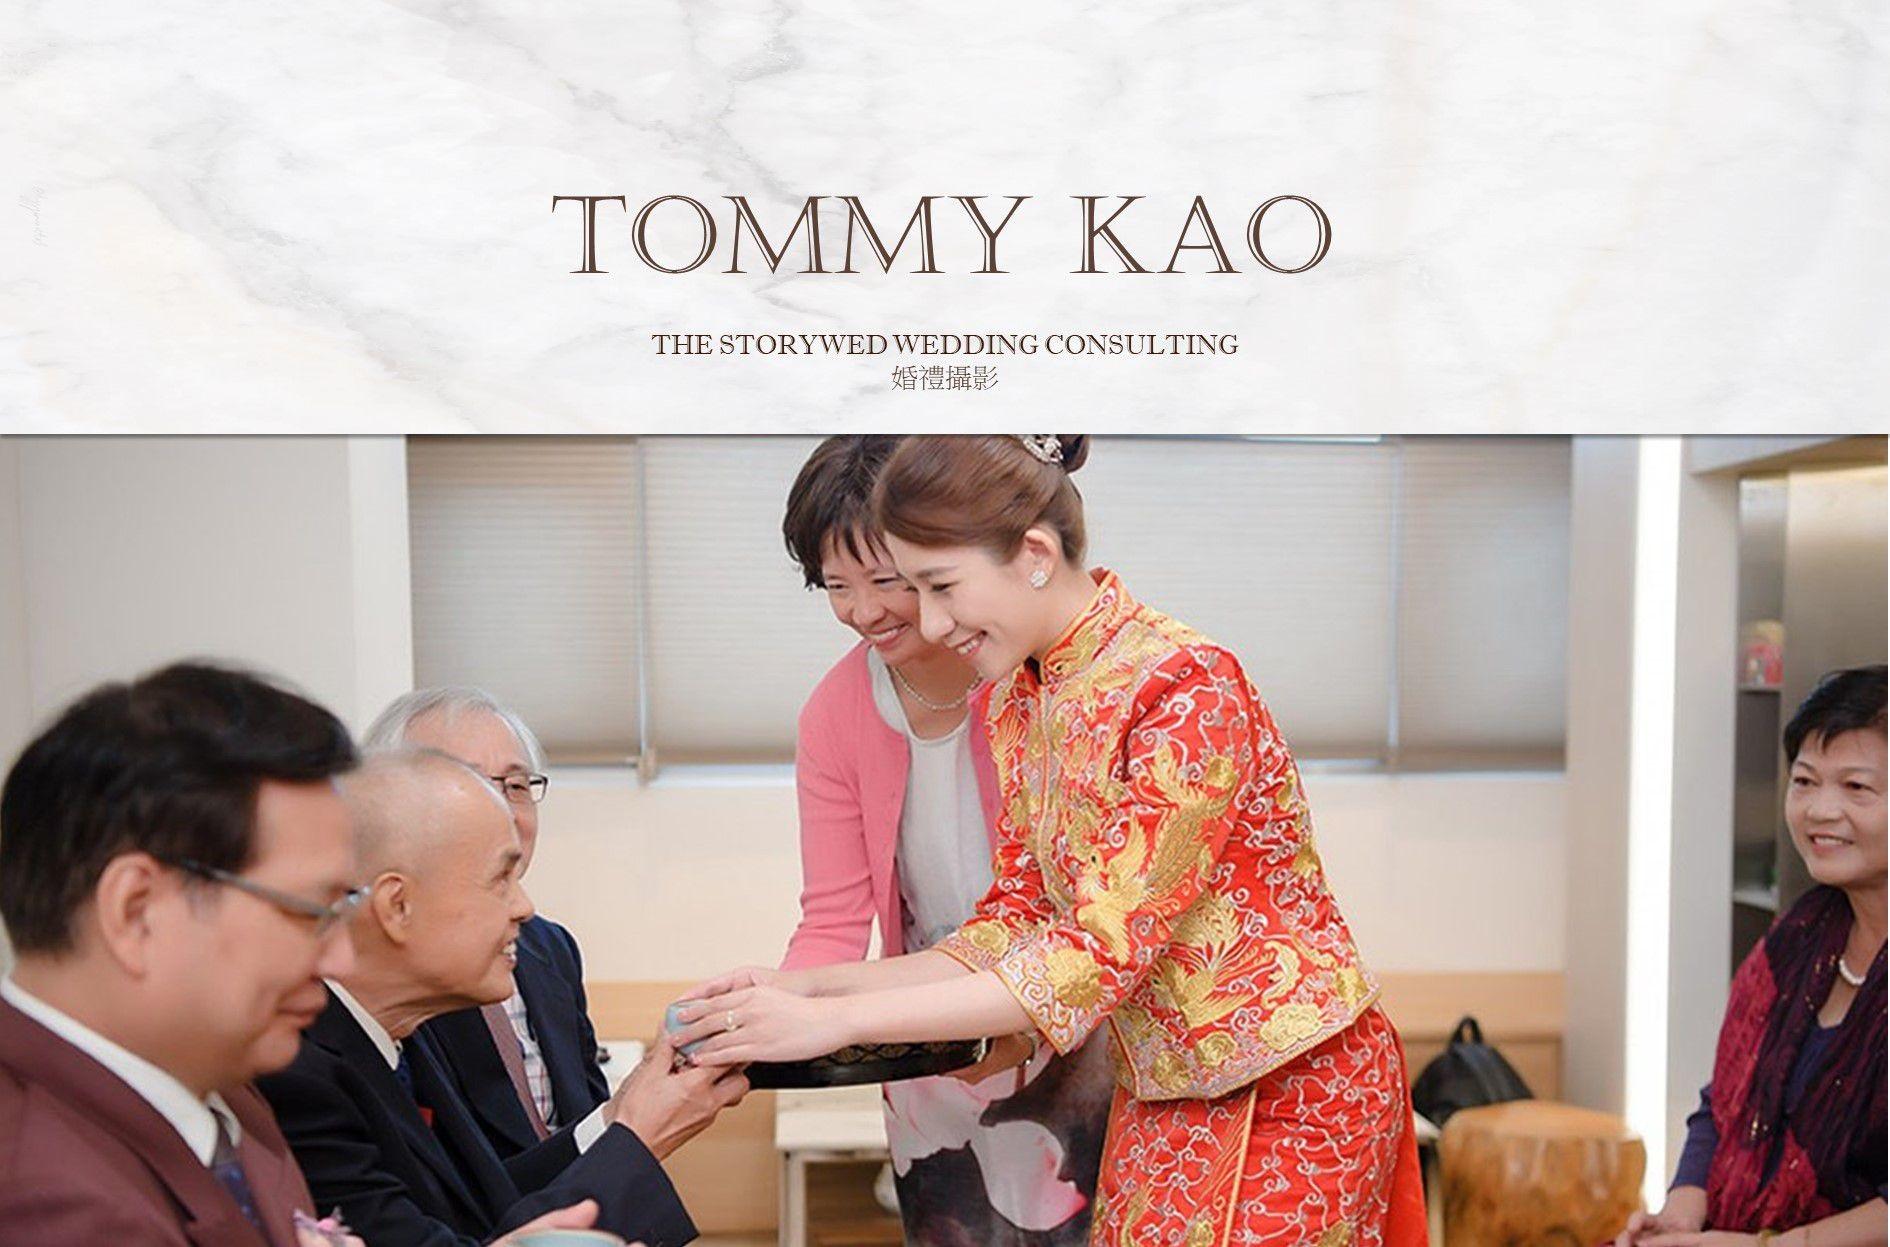 〖婚禮攝影〗 Tommy Kao | 特約攝影師